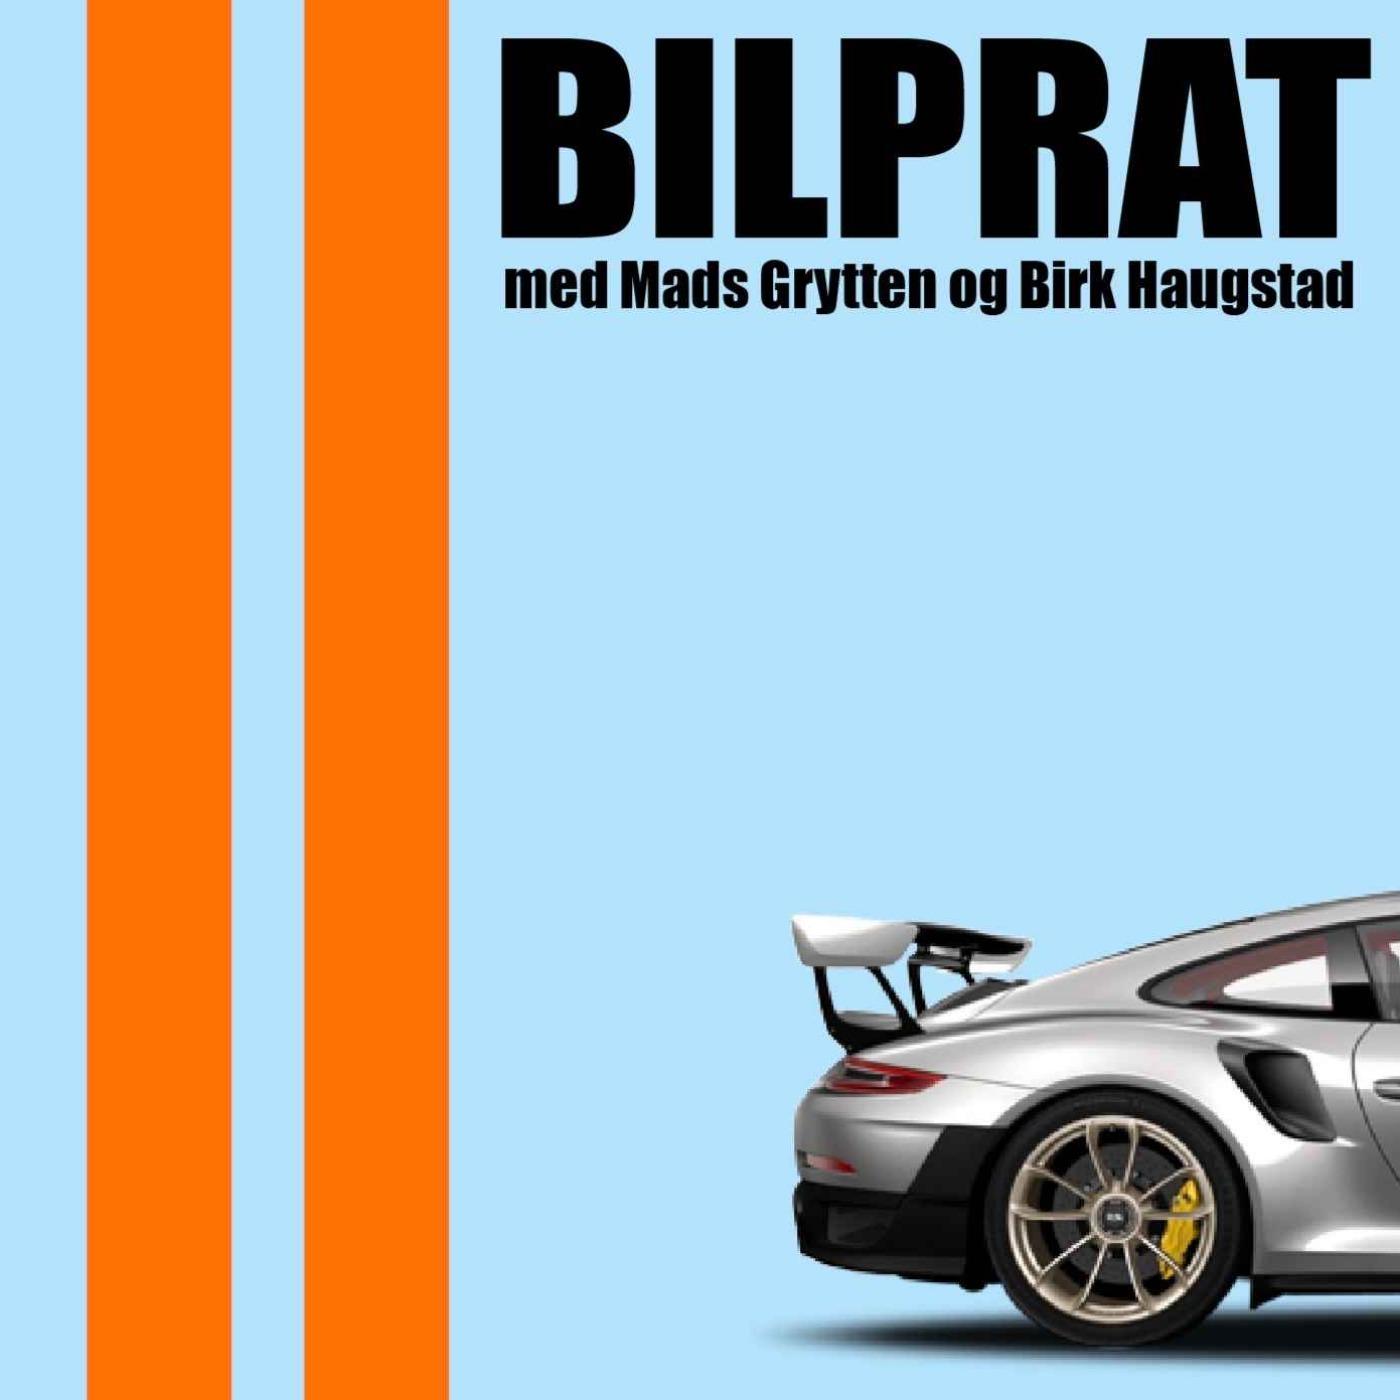 18 - DEL 2 av BMW podcasten. M3 Touring og , Best cry improvisjon ++++